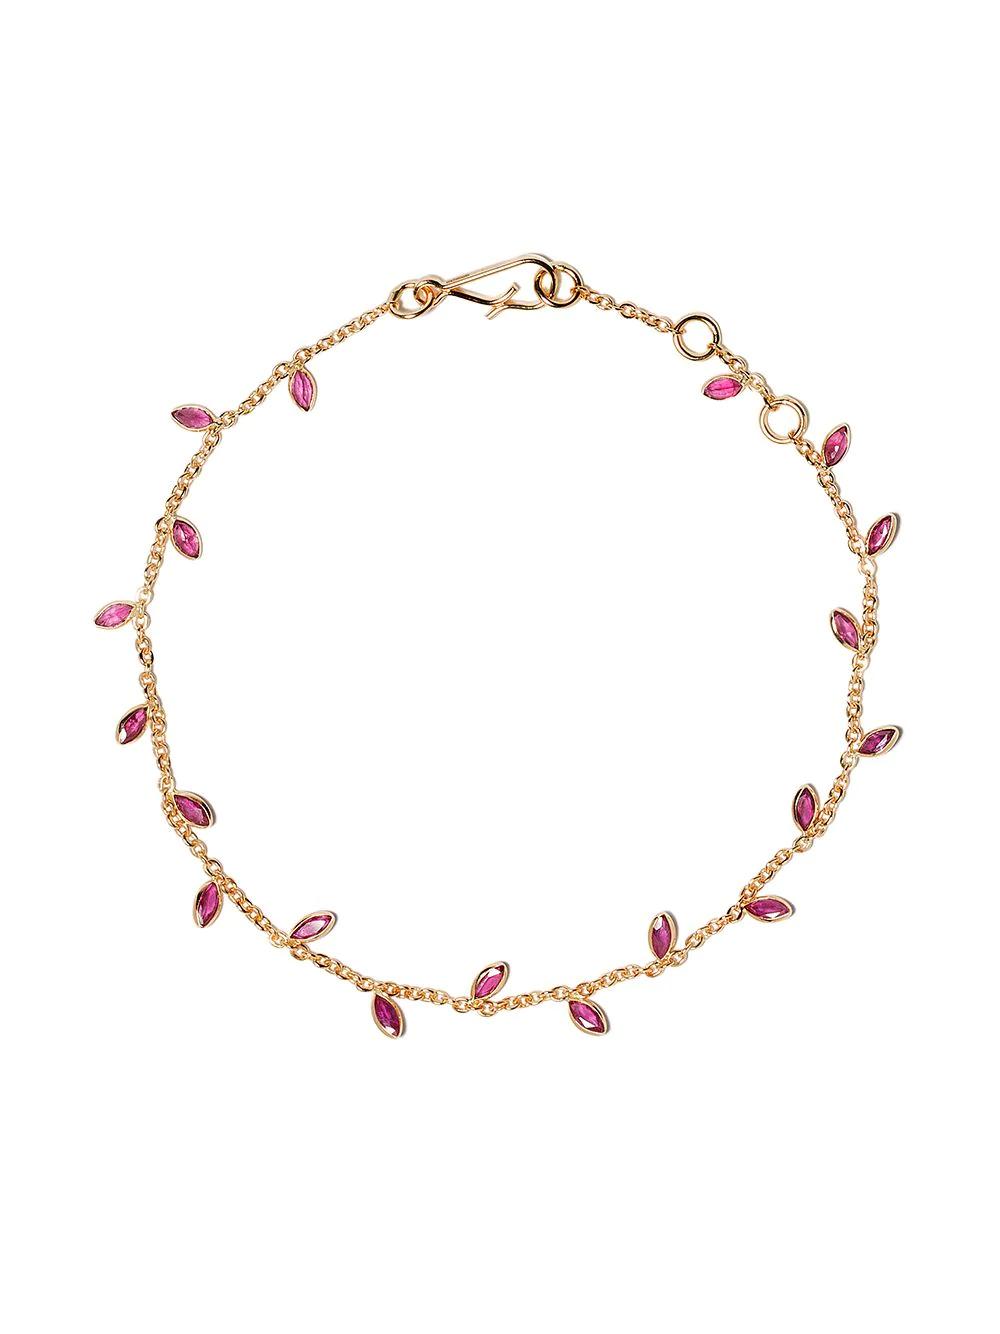 Annoushka | Annoushka золотой браслет Vine Leaf с рубинами | Clouty